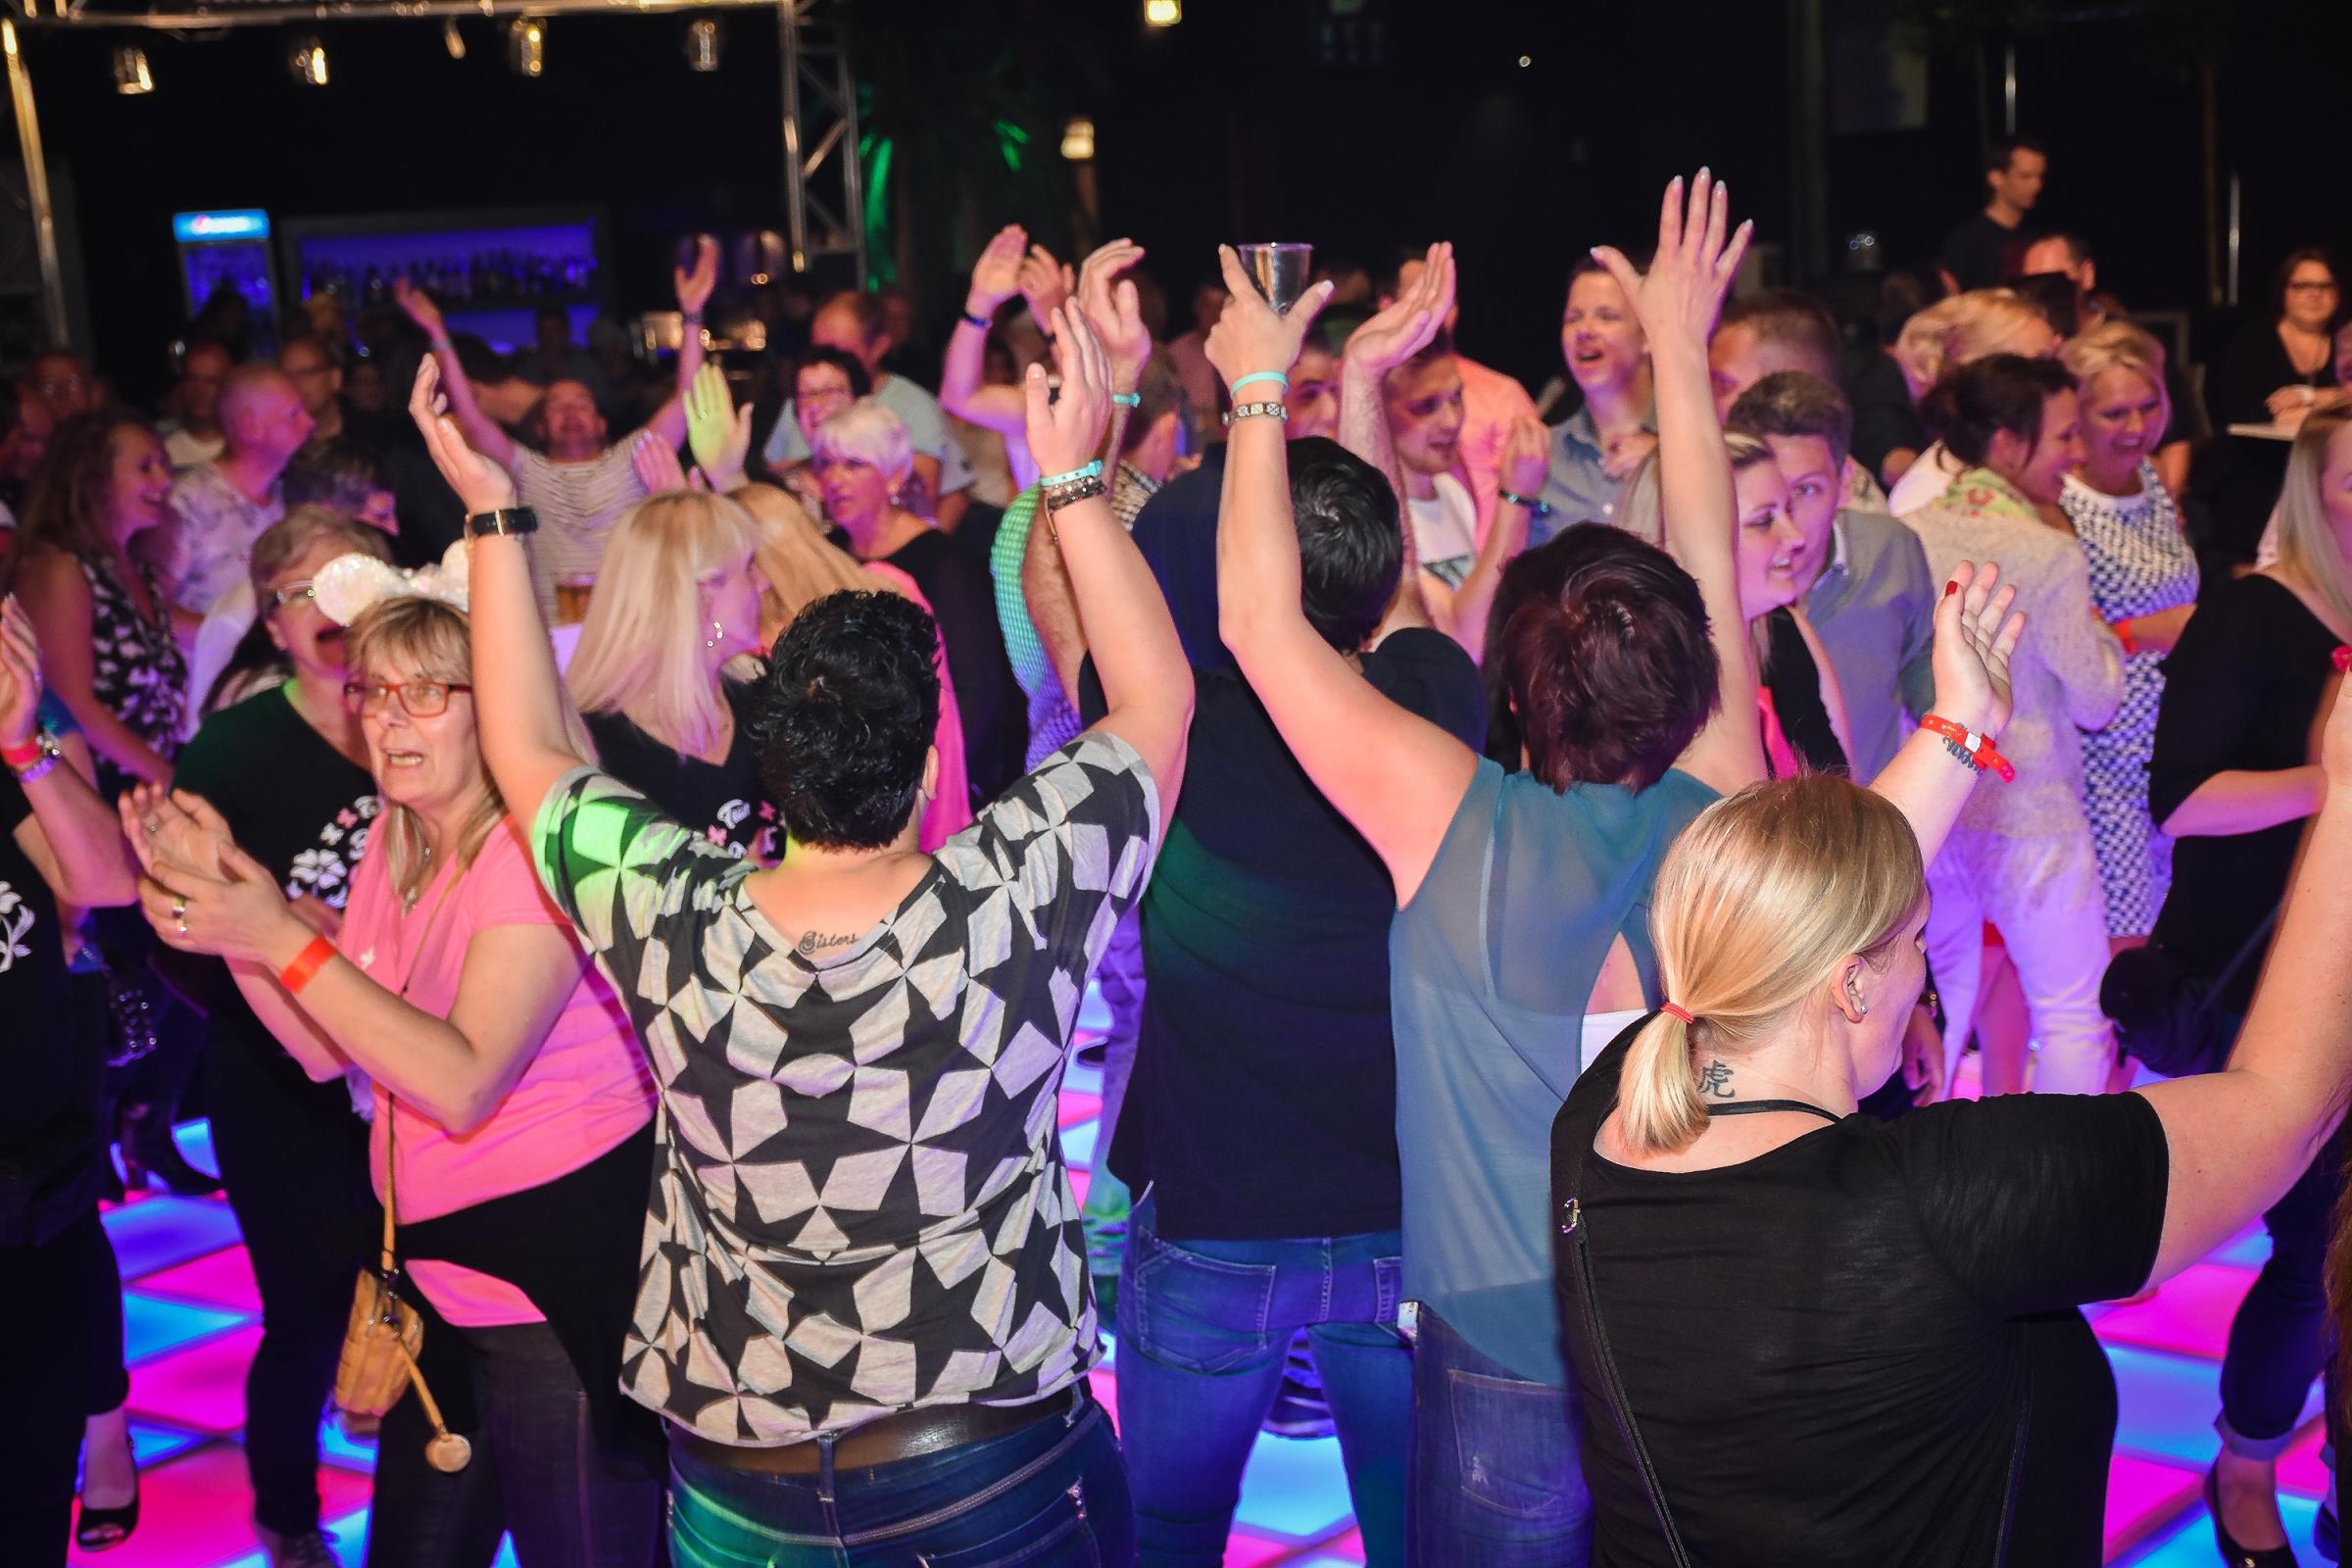 Mai essen steele den tanz in Tanzschule Essen